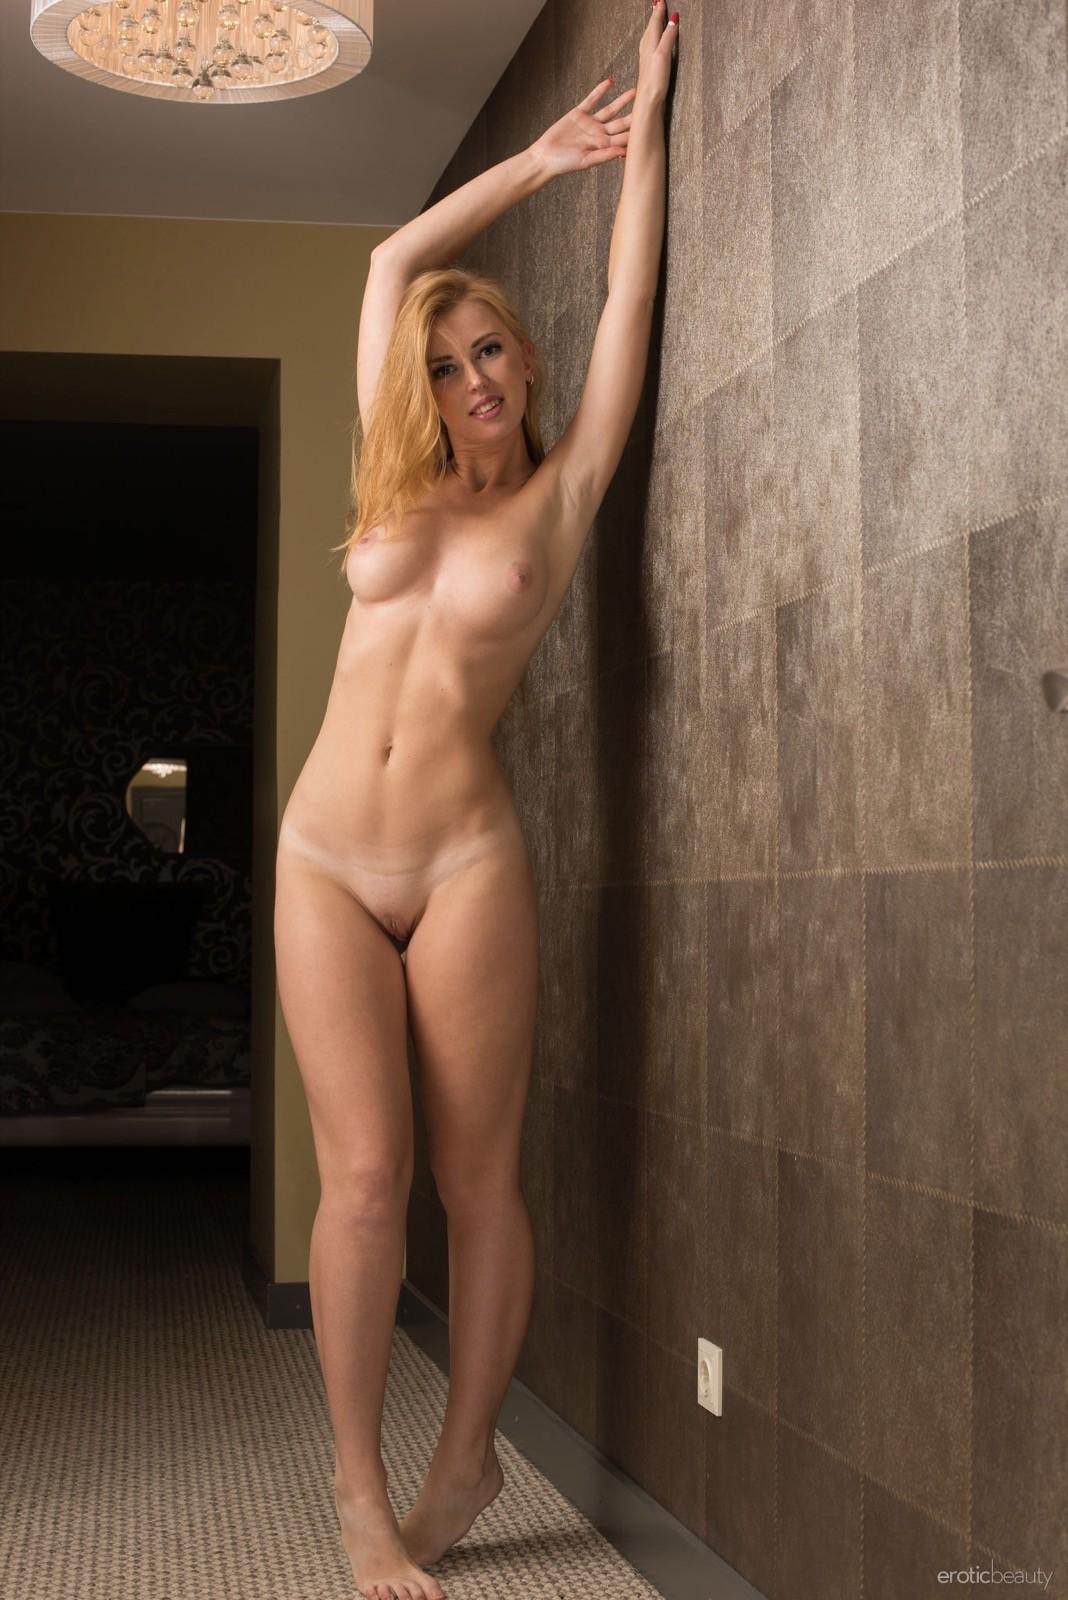 Дамочка с большой жопой разделась в коридоре - фото